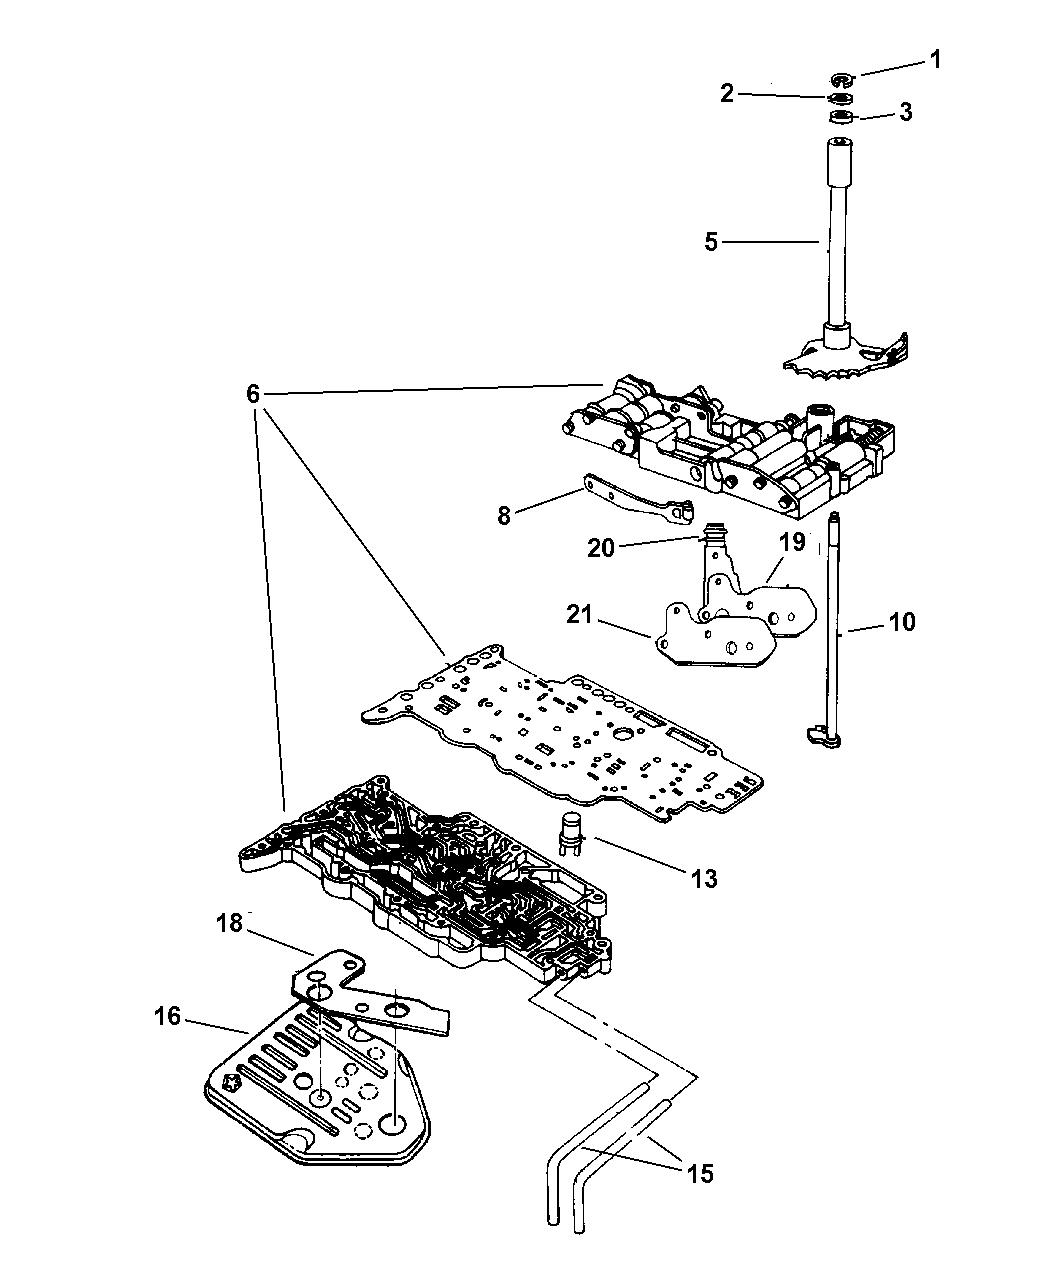 dodge 2 0 sohc engine diagram wiring library. Black Bedroom Furniture Sets. Home Design Ideas